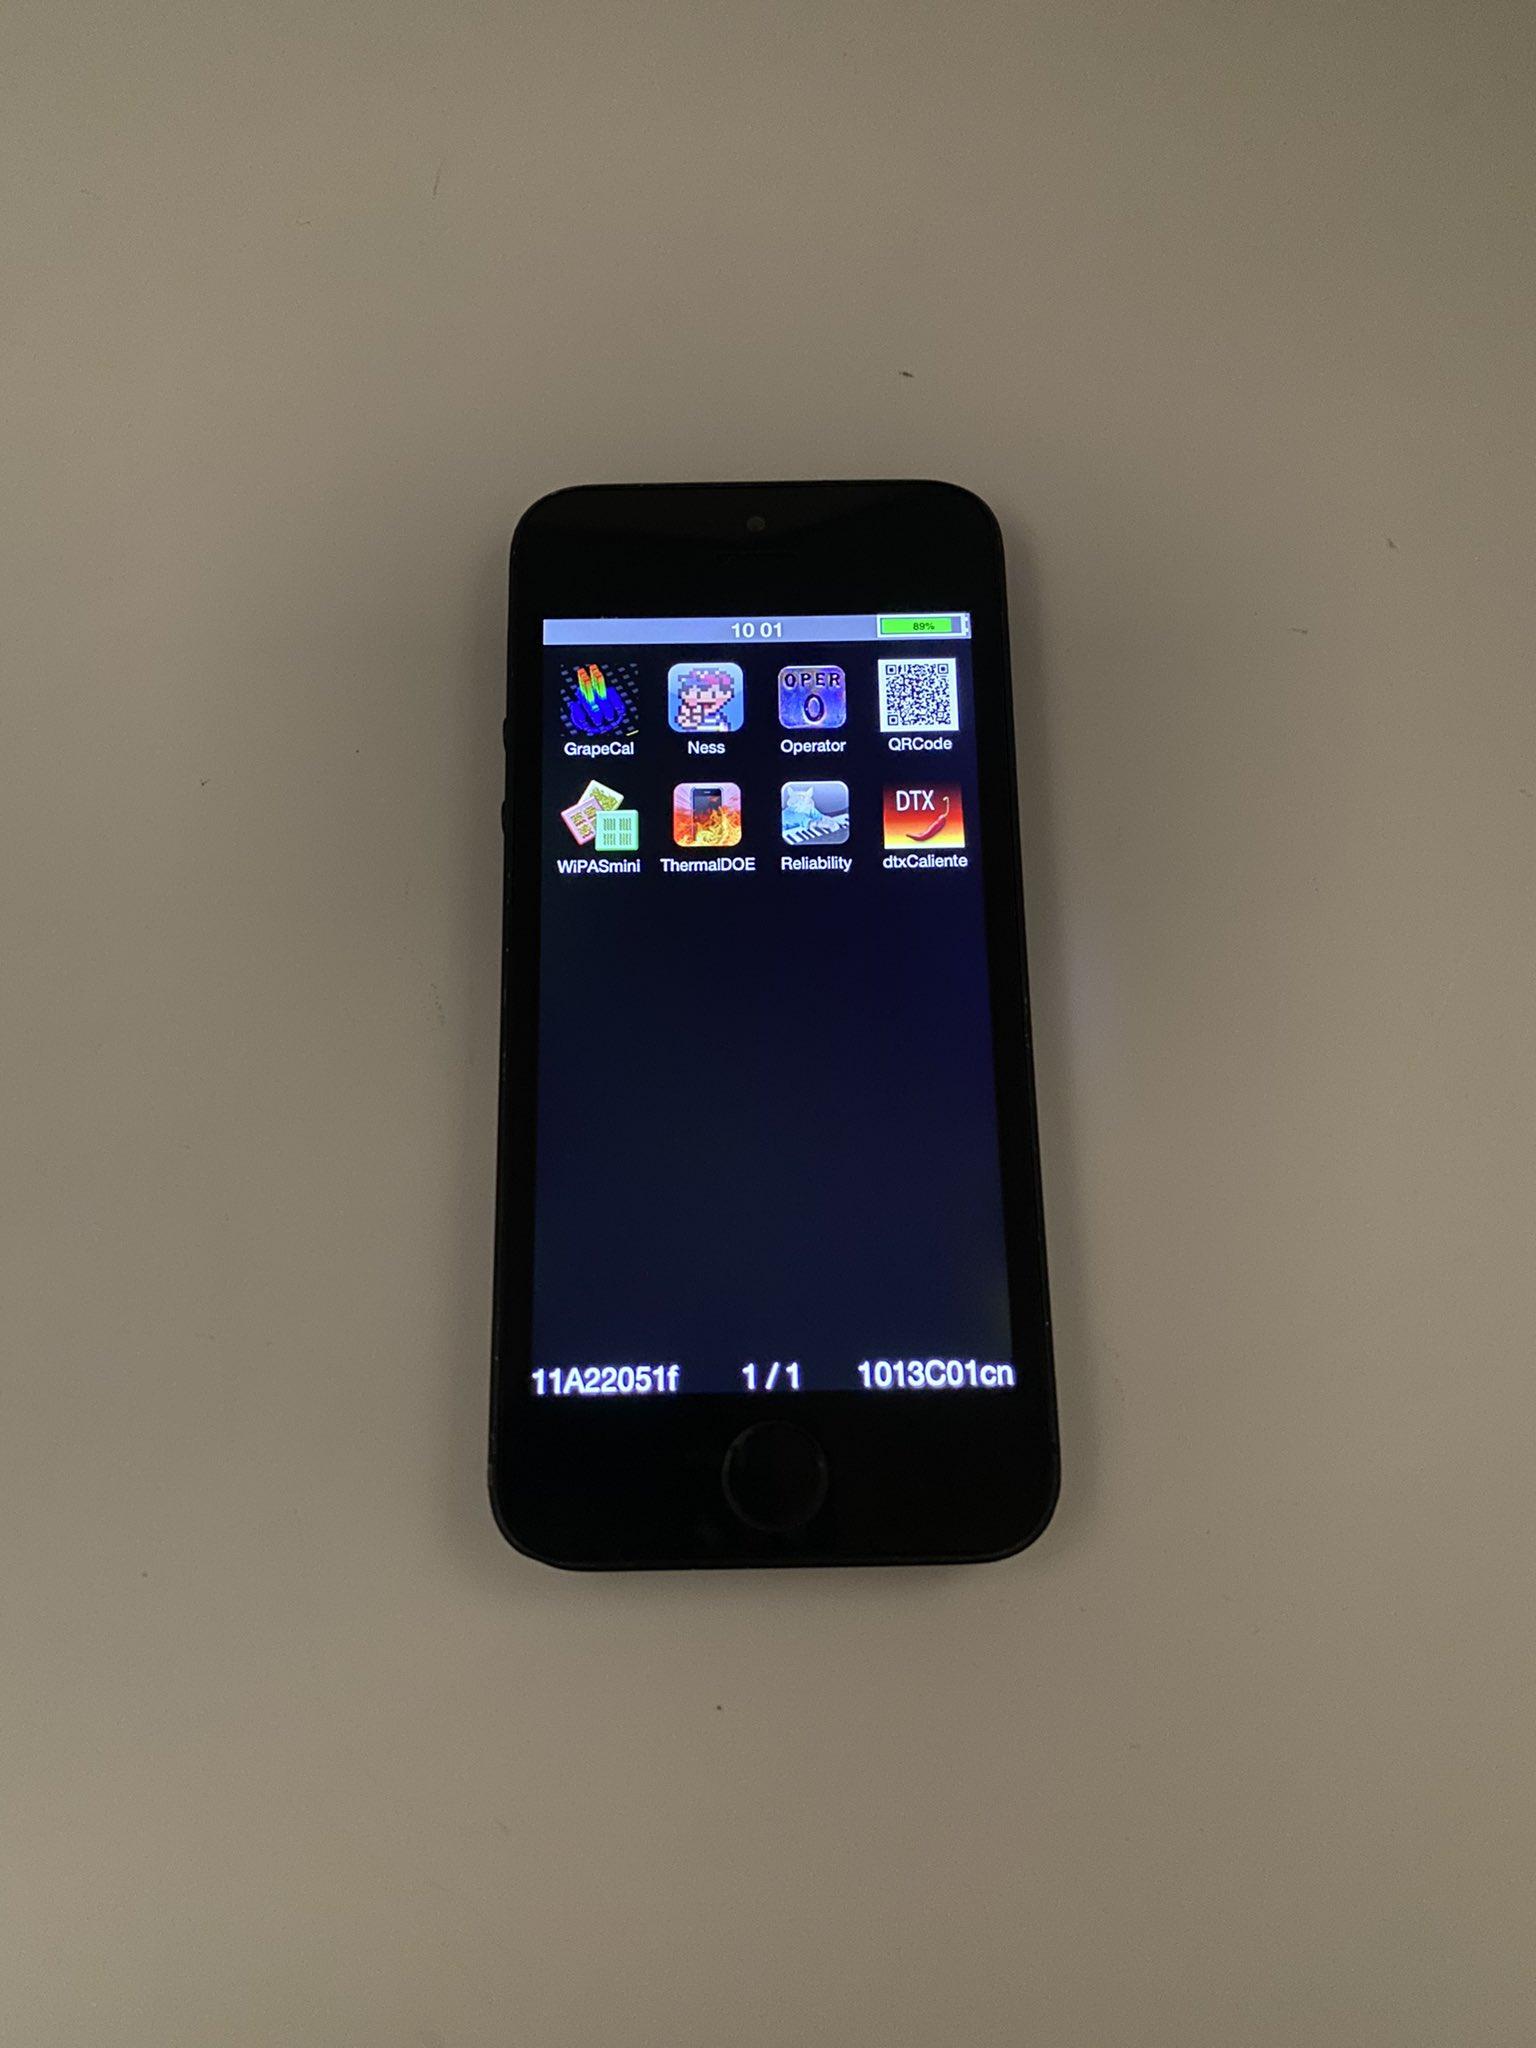 Prototipo de iPhone 5S en color negro